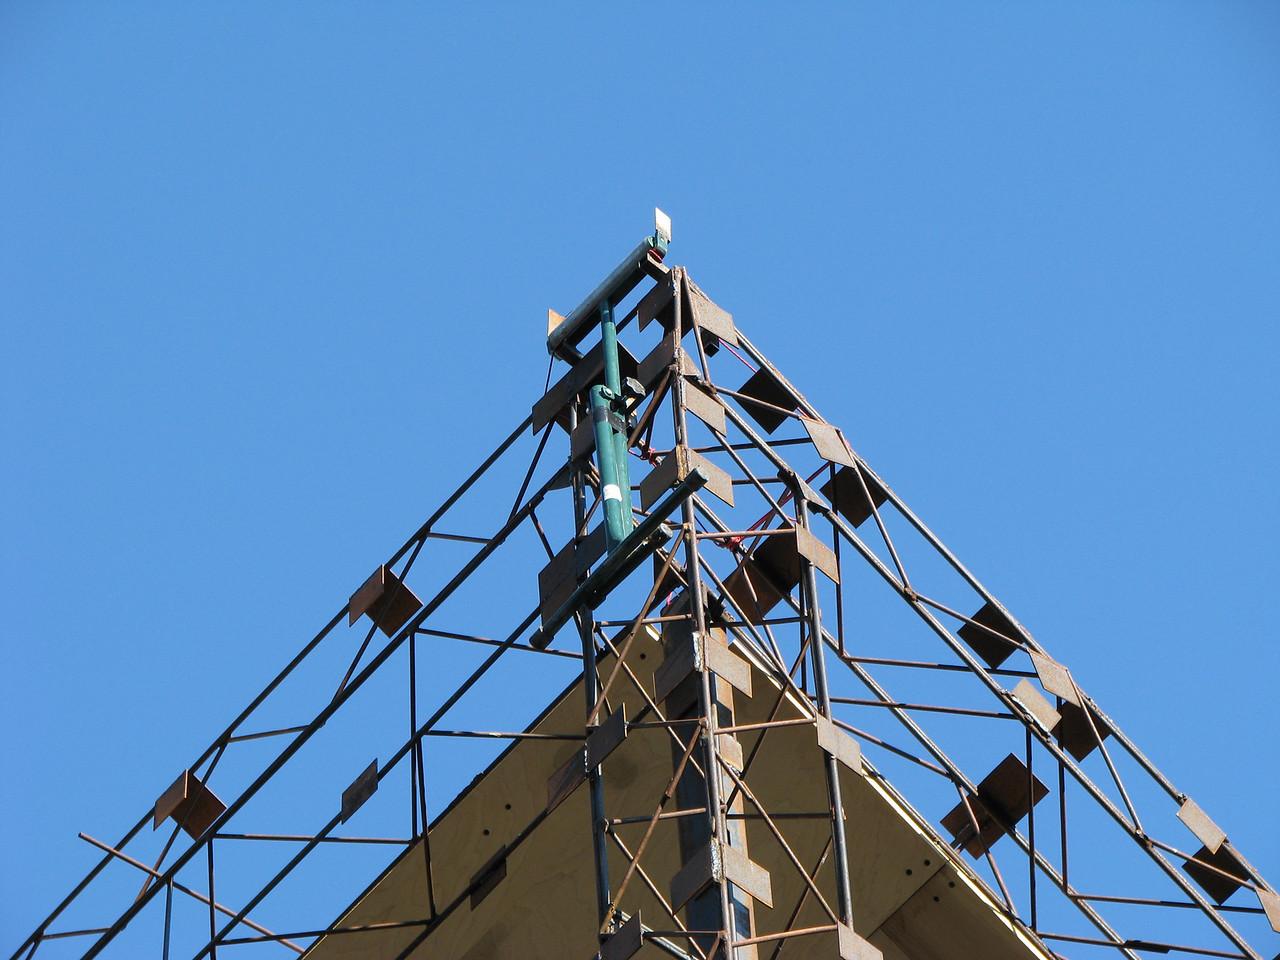 Lances_Roof-013